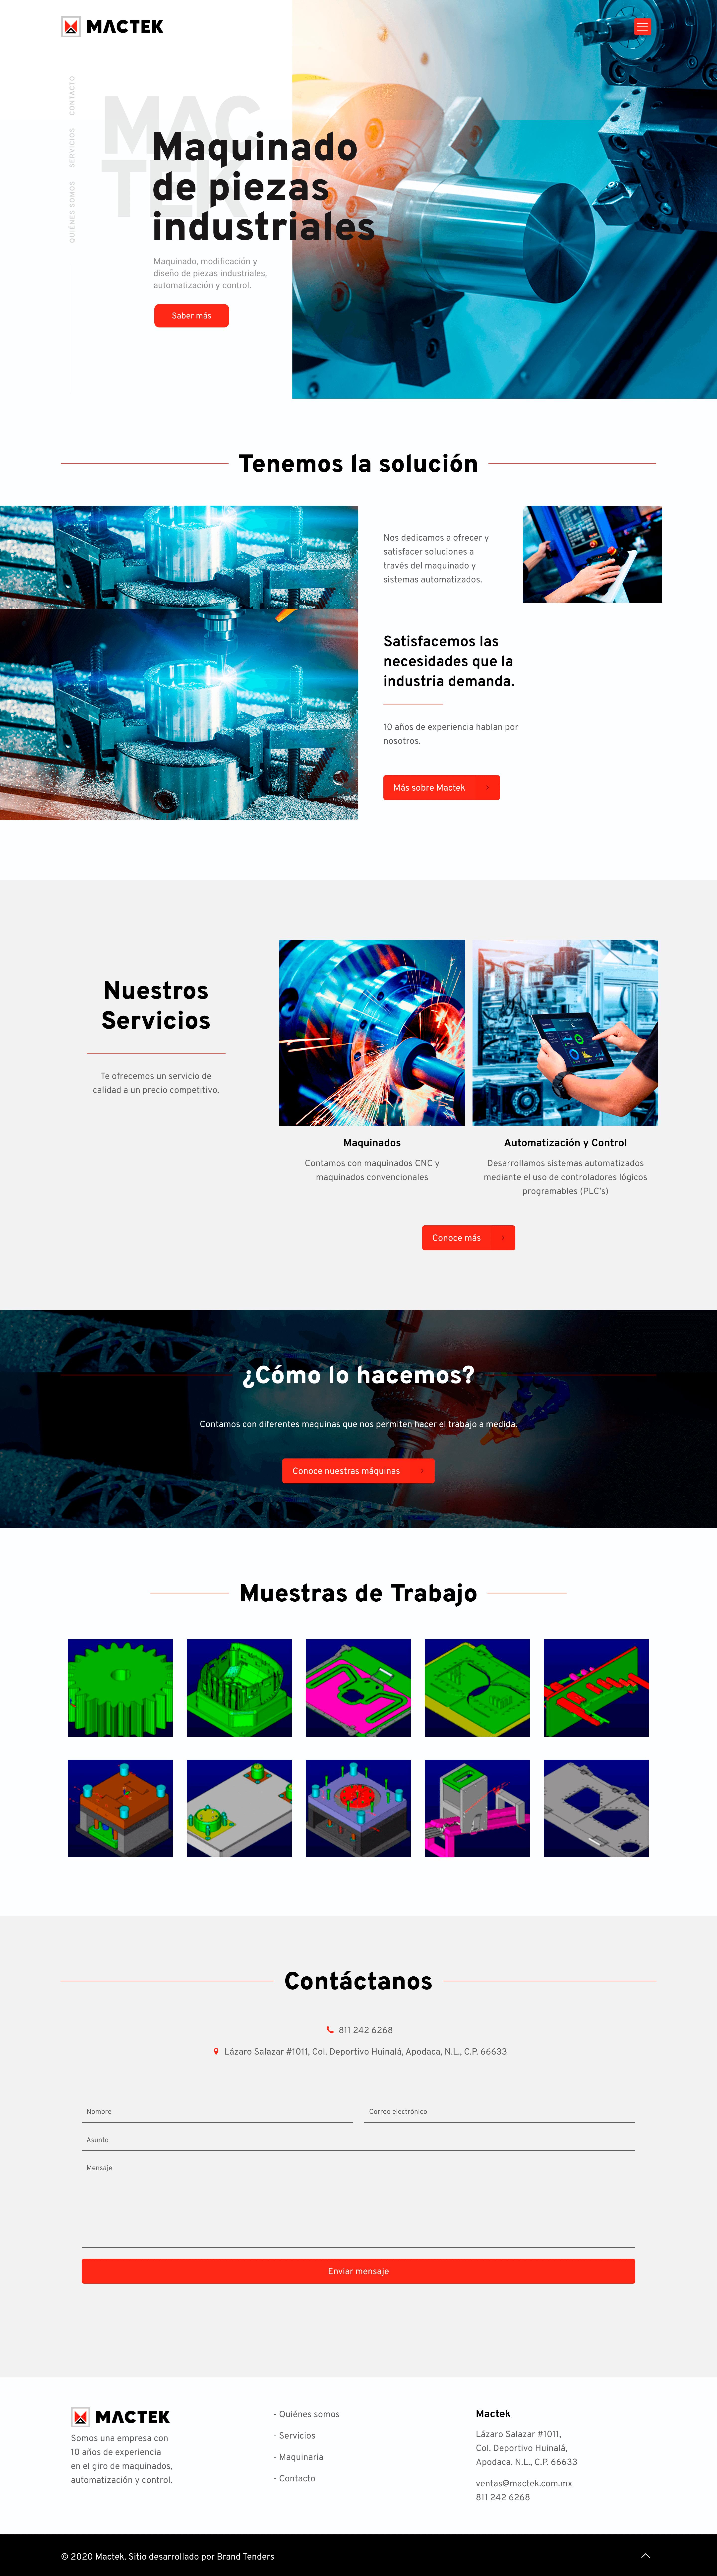 Brand Tenders X Mactek